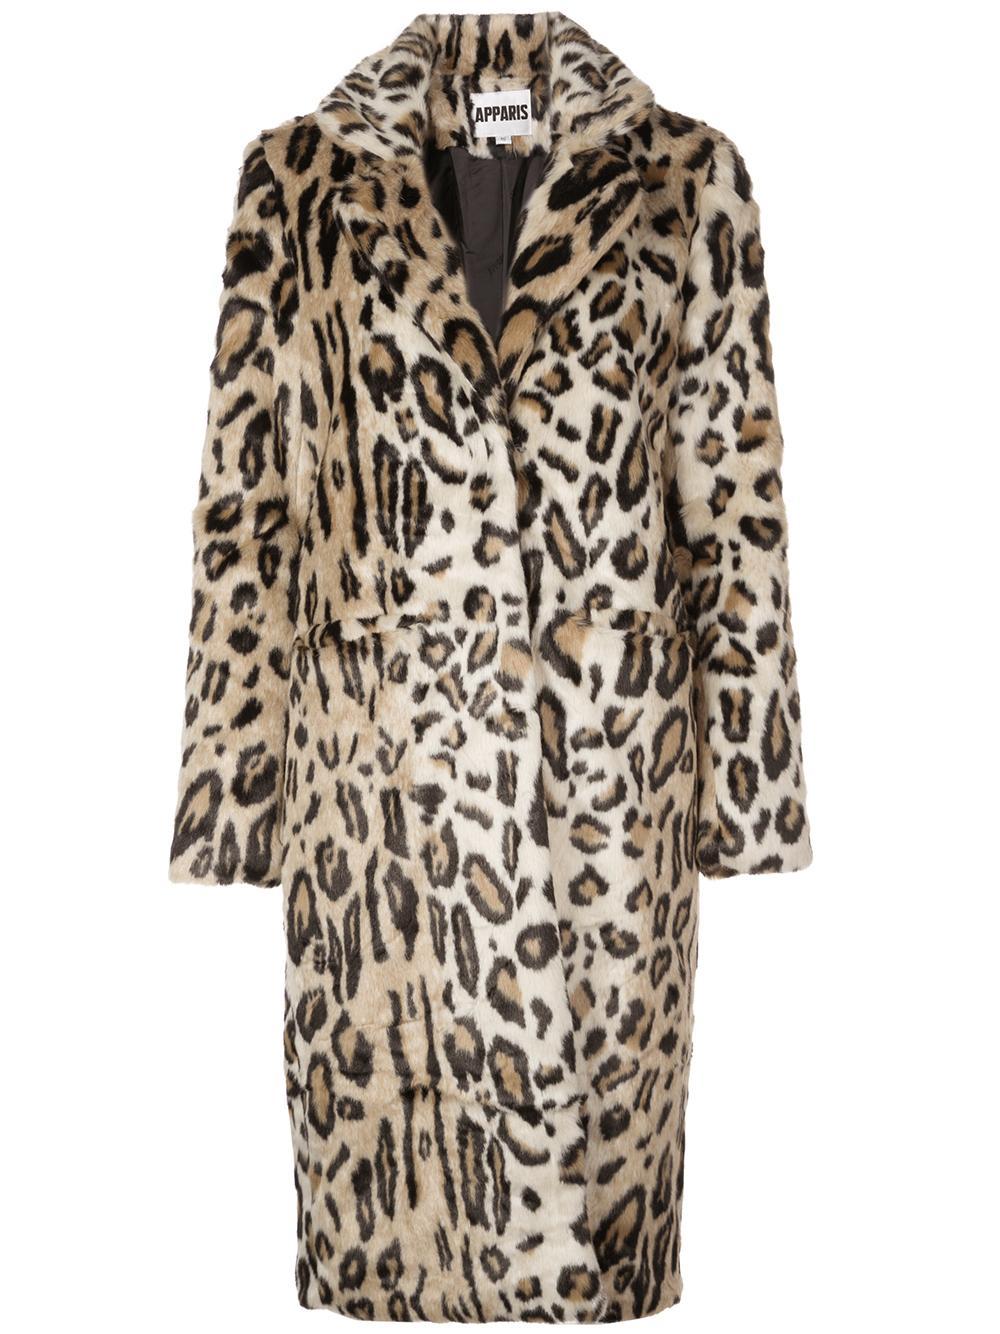 Charlie Long Leopard Faux Fur Jacket